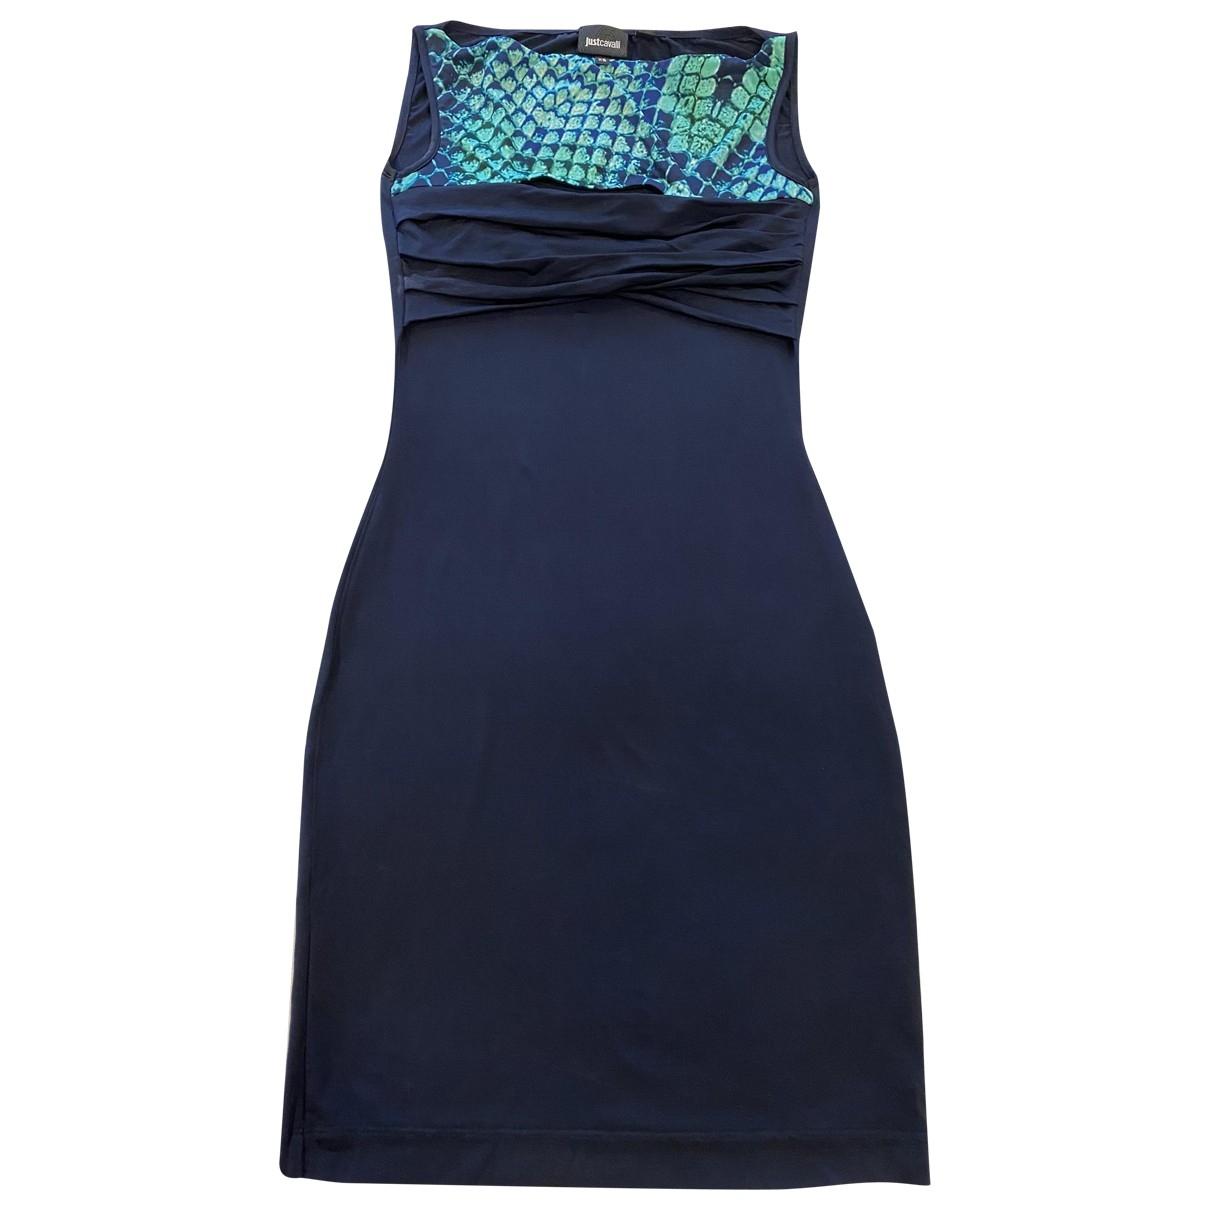 Just Cavalli \N Kleid in  Blau Polyester